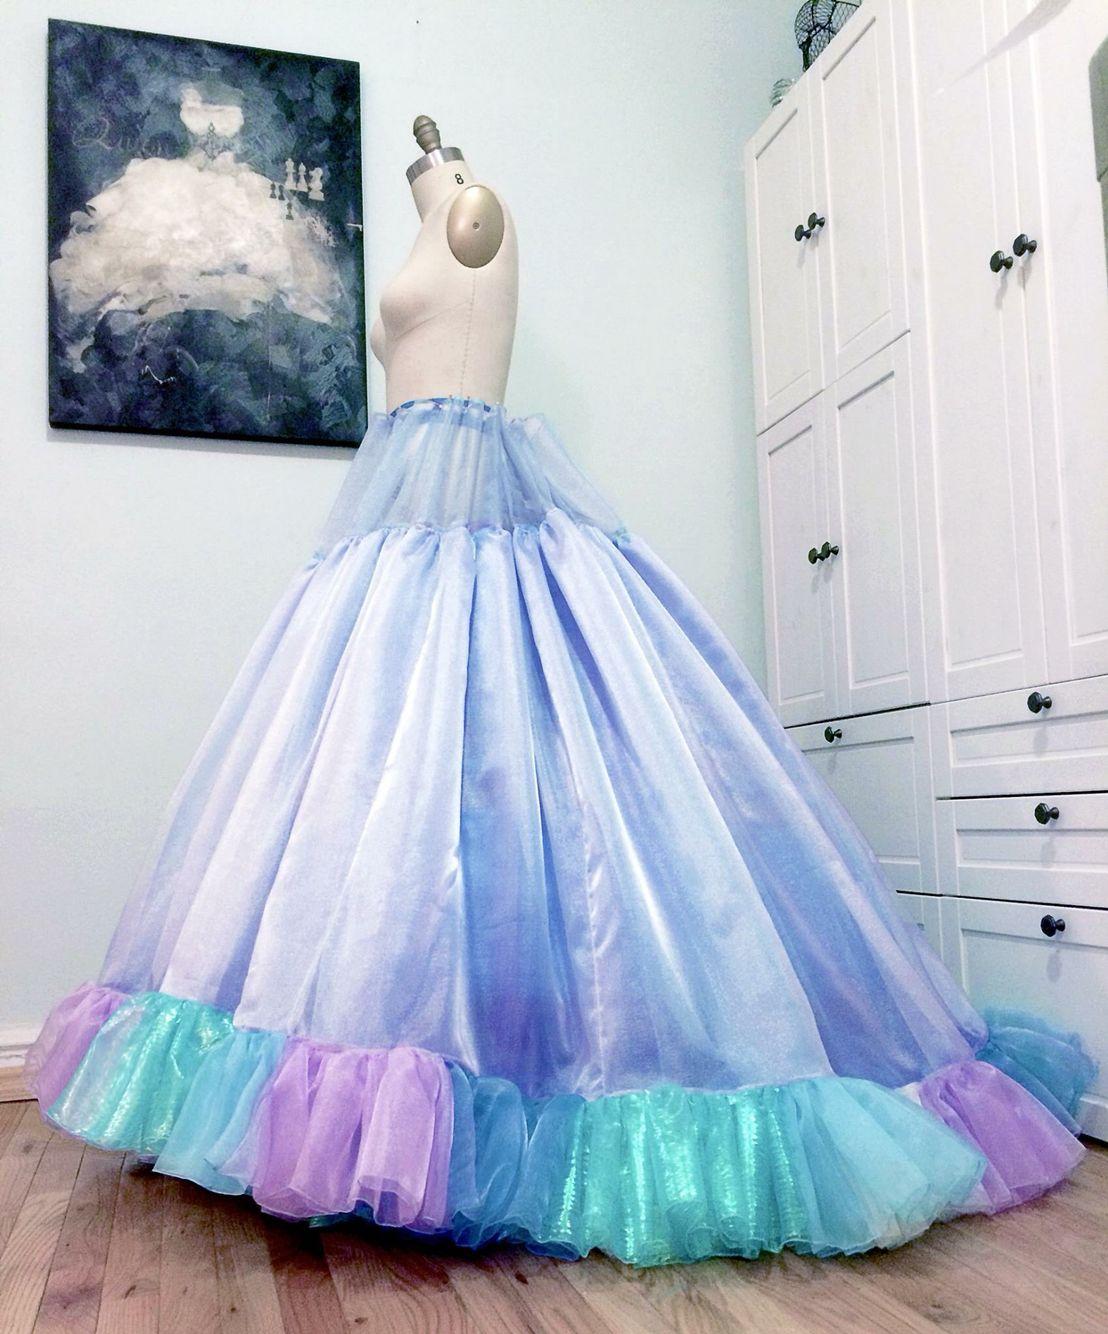 Petticoat | Underwear | Pinterest | Alter und Kreativ